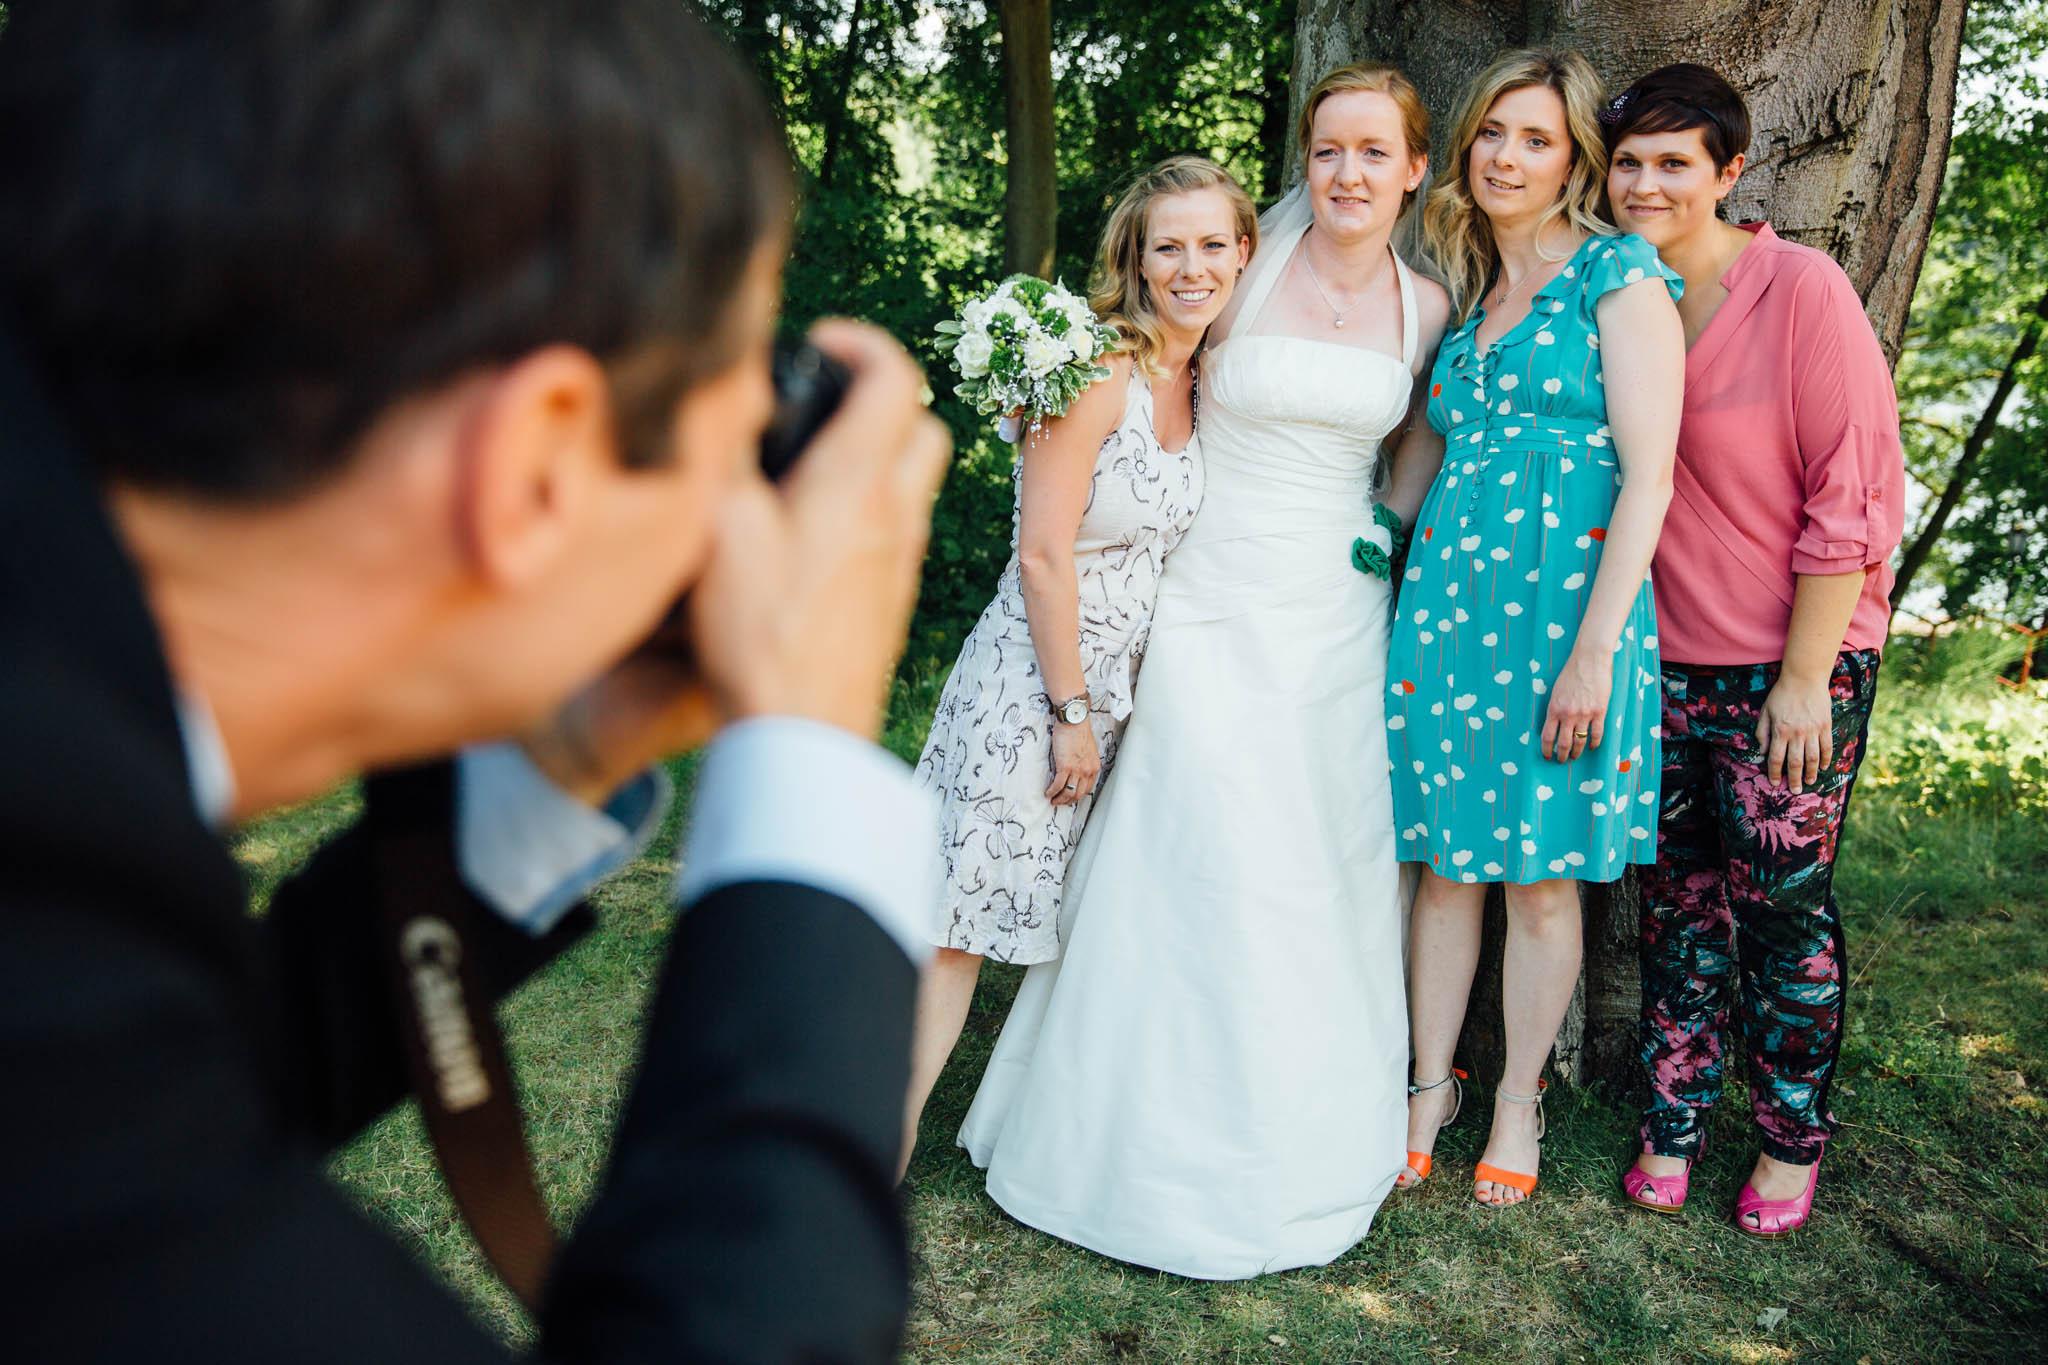 hochzeitsreportage-gruppenfotos-familienfotos